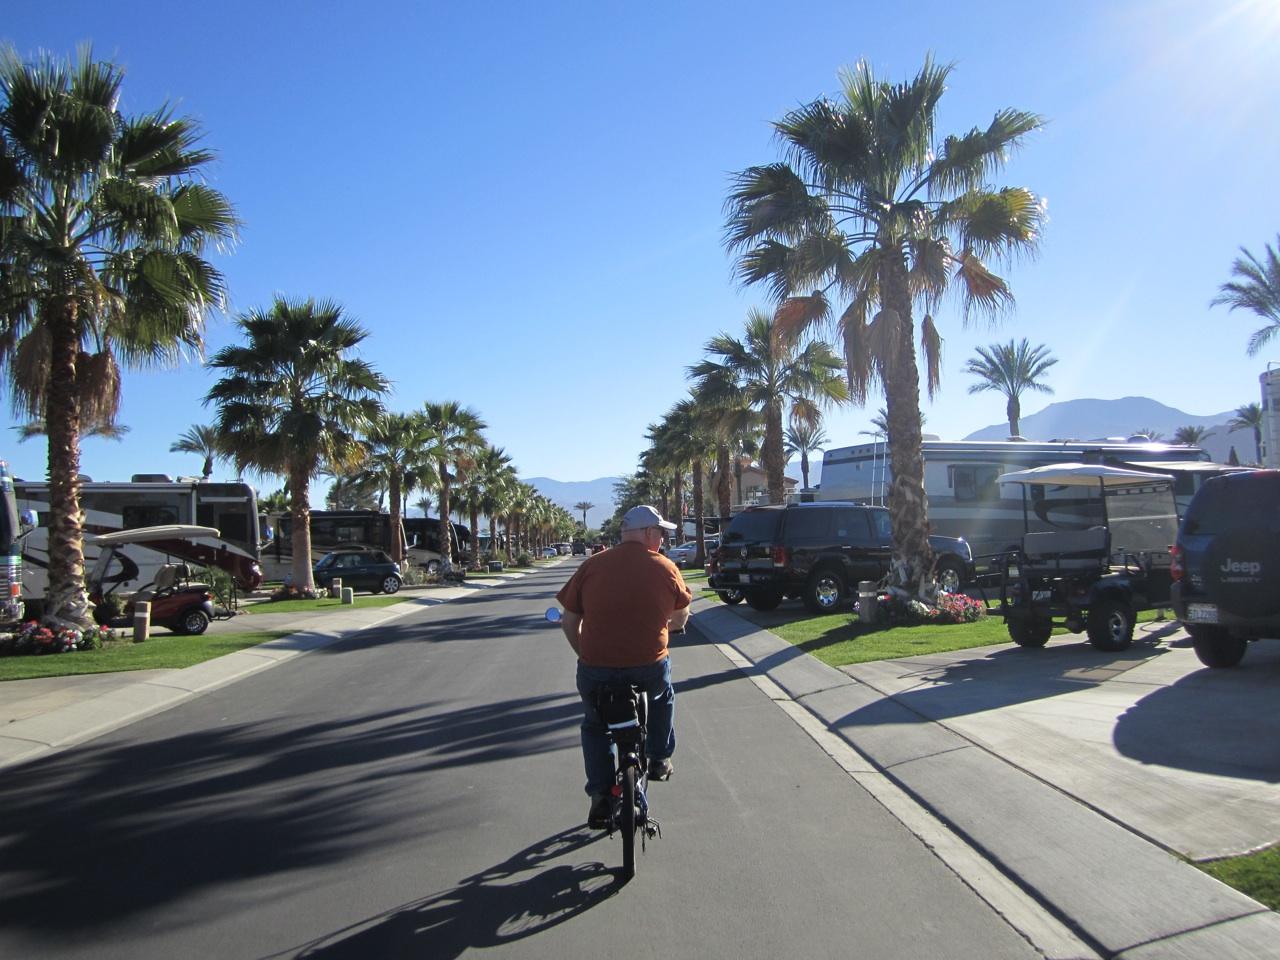 David Biking Around The Resort